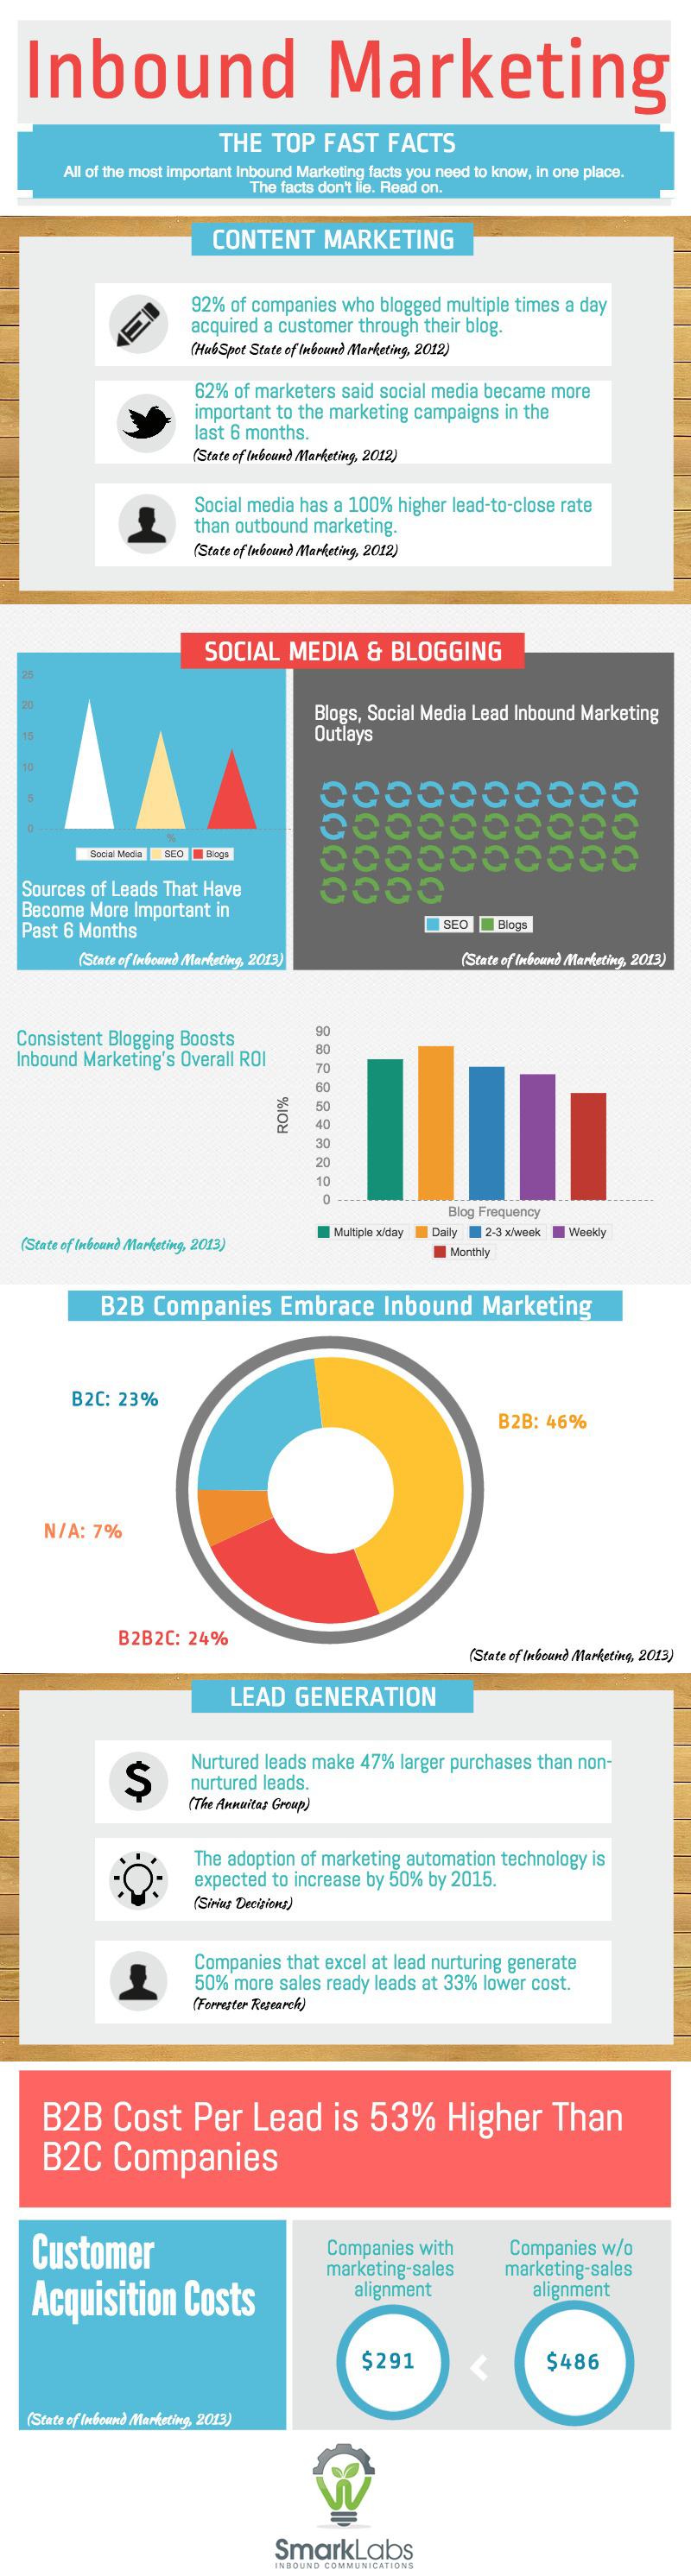 Inbound_Marketing_Fast_Facts-1